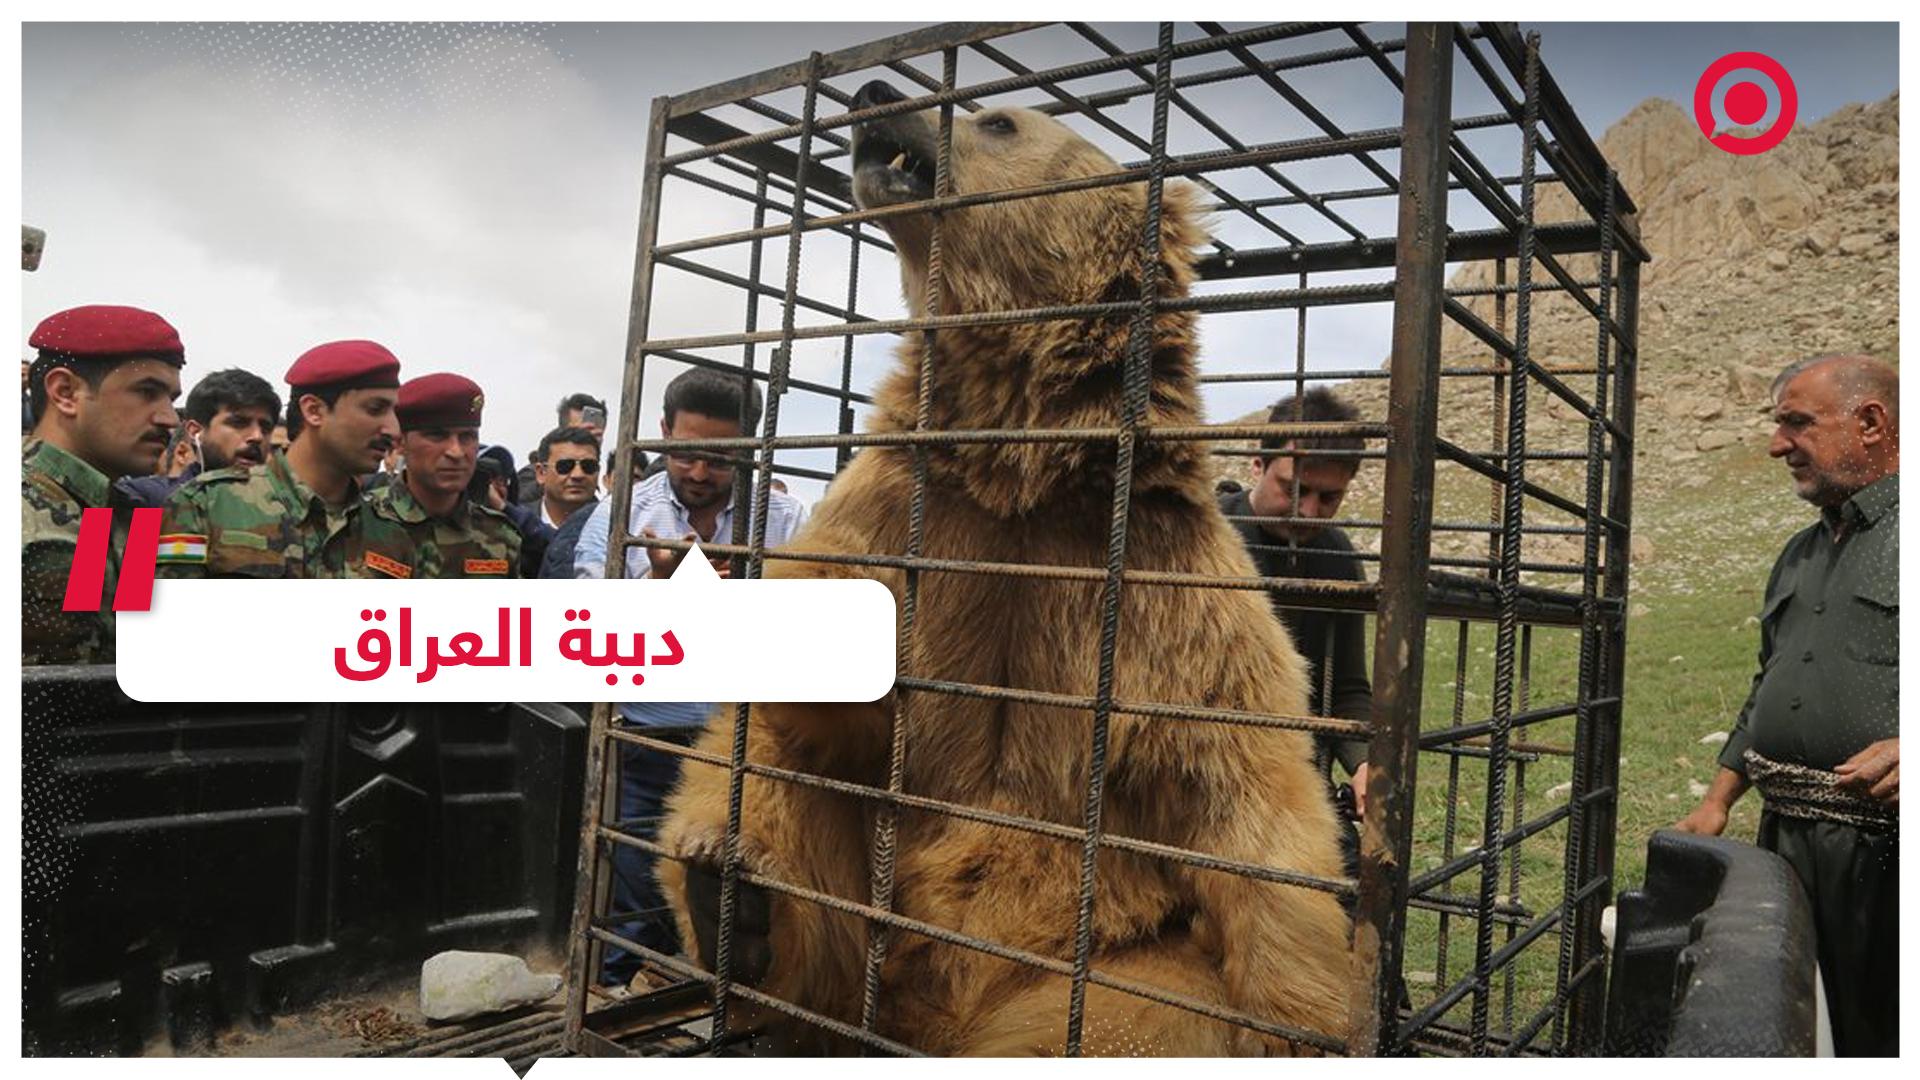 إطلاق 6 دببة في أحد جبال إقليم كردستان العراق